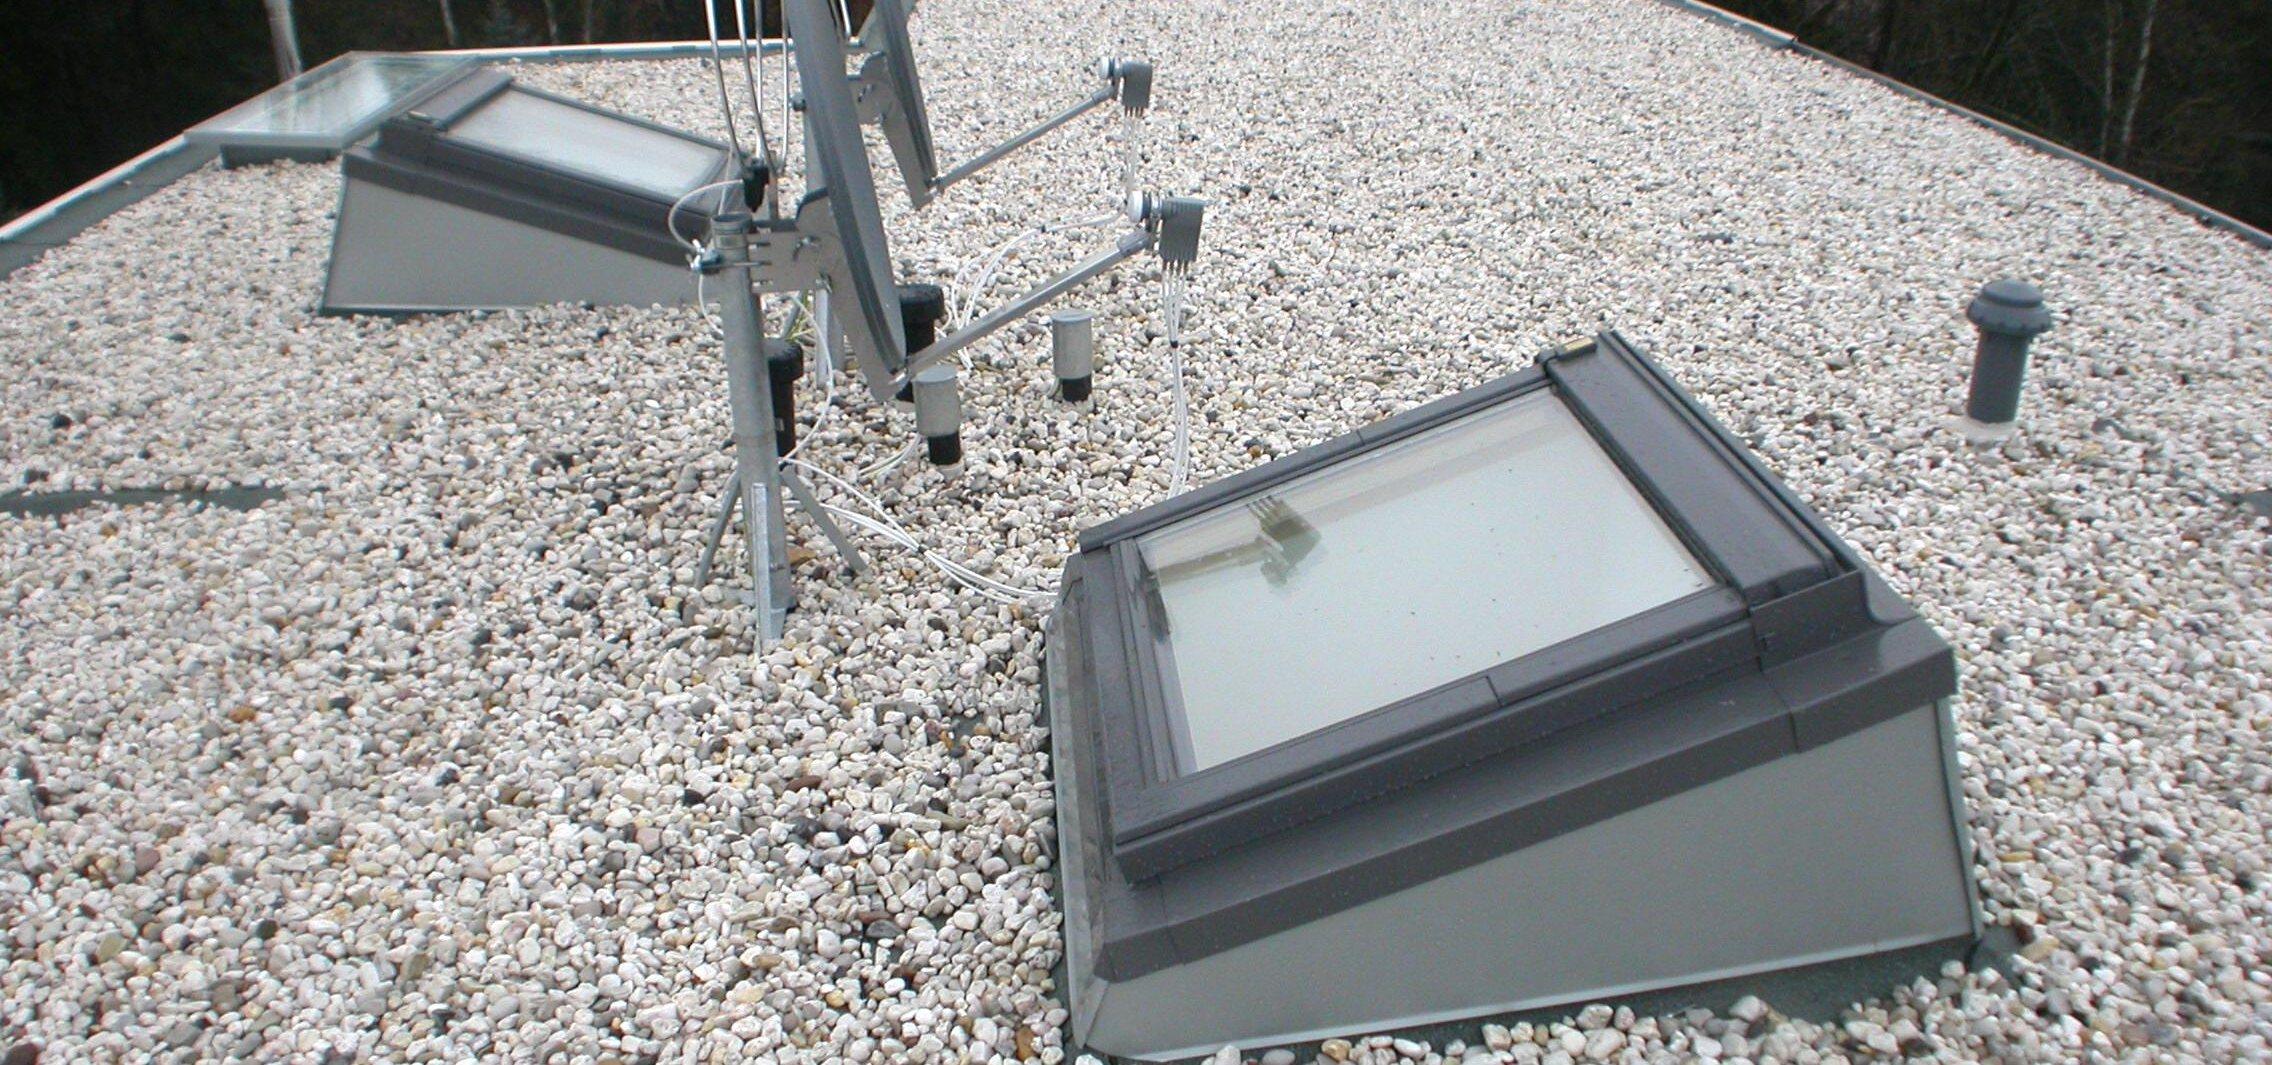 Veluxfenster im Flachdach